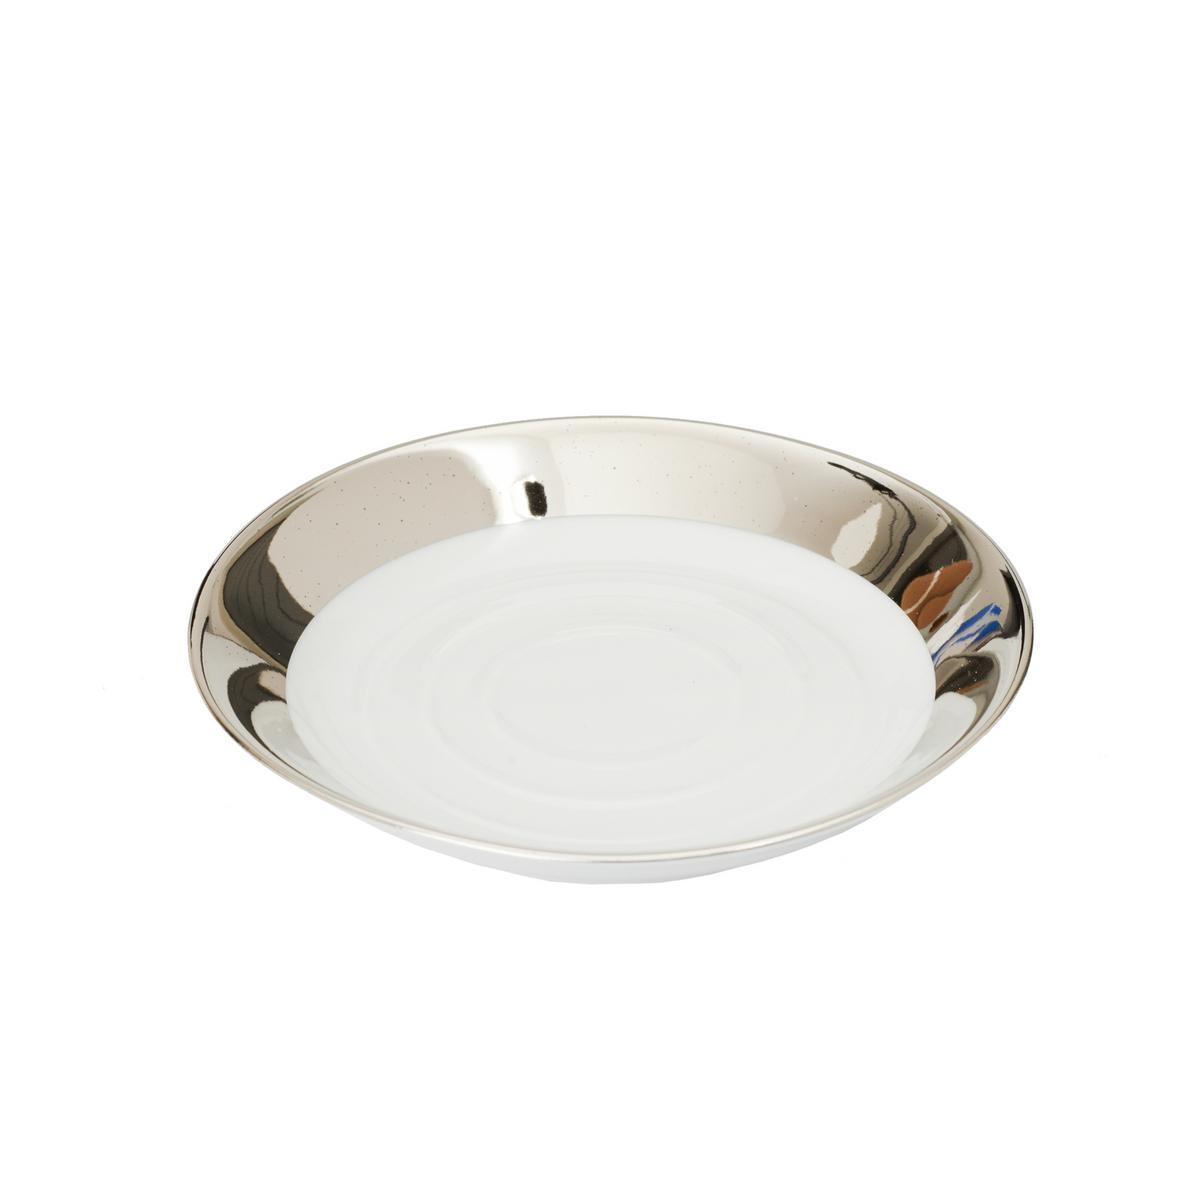 Decor Walther Porcelain Soap Dish Platinum